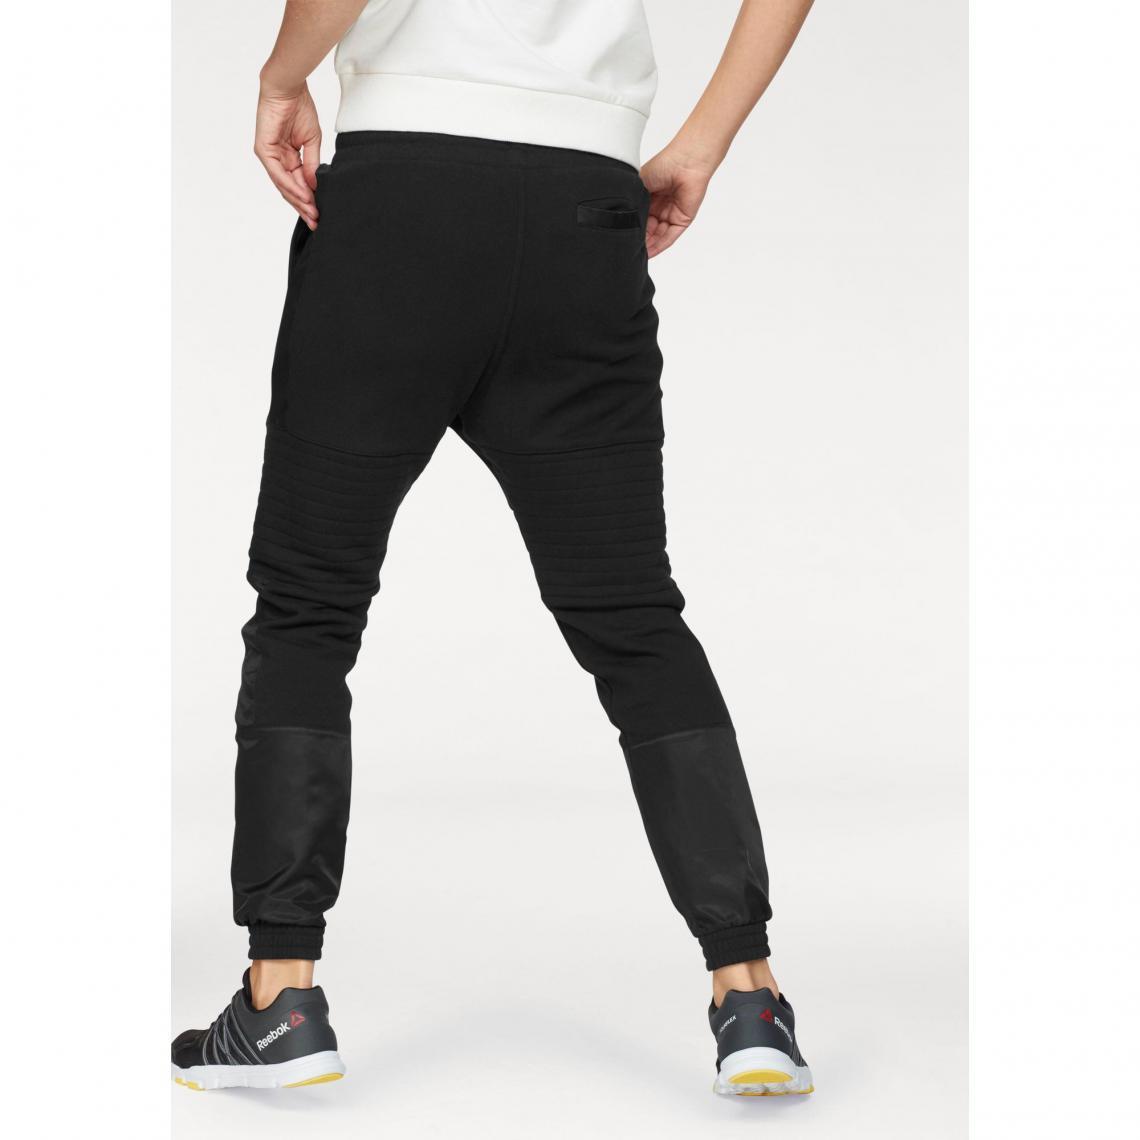 Pantalons de sport femme Reebok Cliquez l image pour l agrandir. Pantalon  sport femme Moto Jogger Reebok - Noir Reebok 6d0c9197d2b